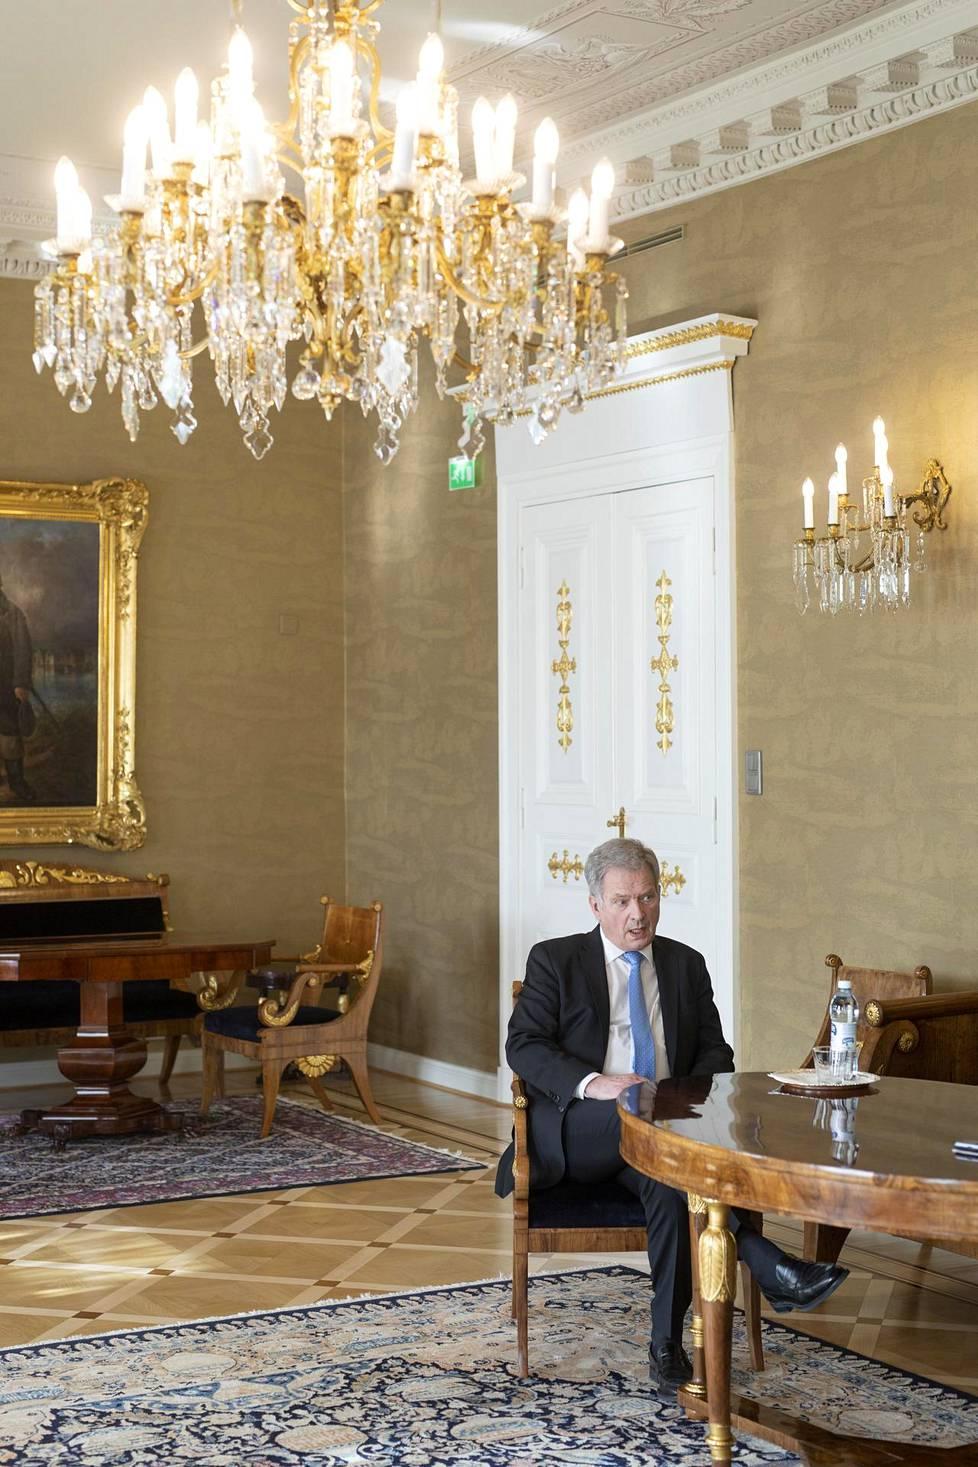 –Yrittänyt vakavasti varoittaa. En niinkään hallitusta, vaan suomalaisia, että ymmärrettäisiin, miten vaarallinen asia on käsillä, Niinistö sanoo.